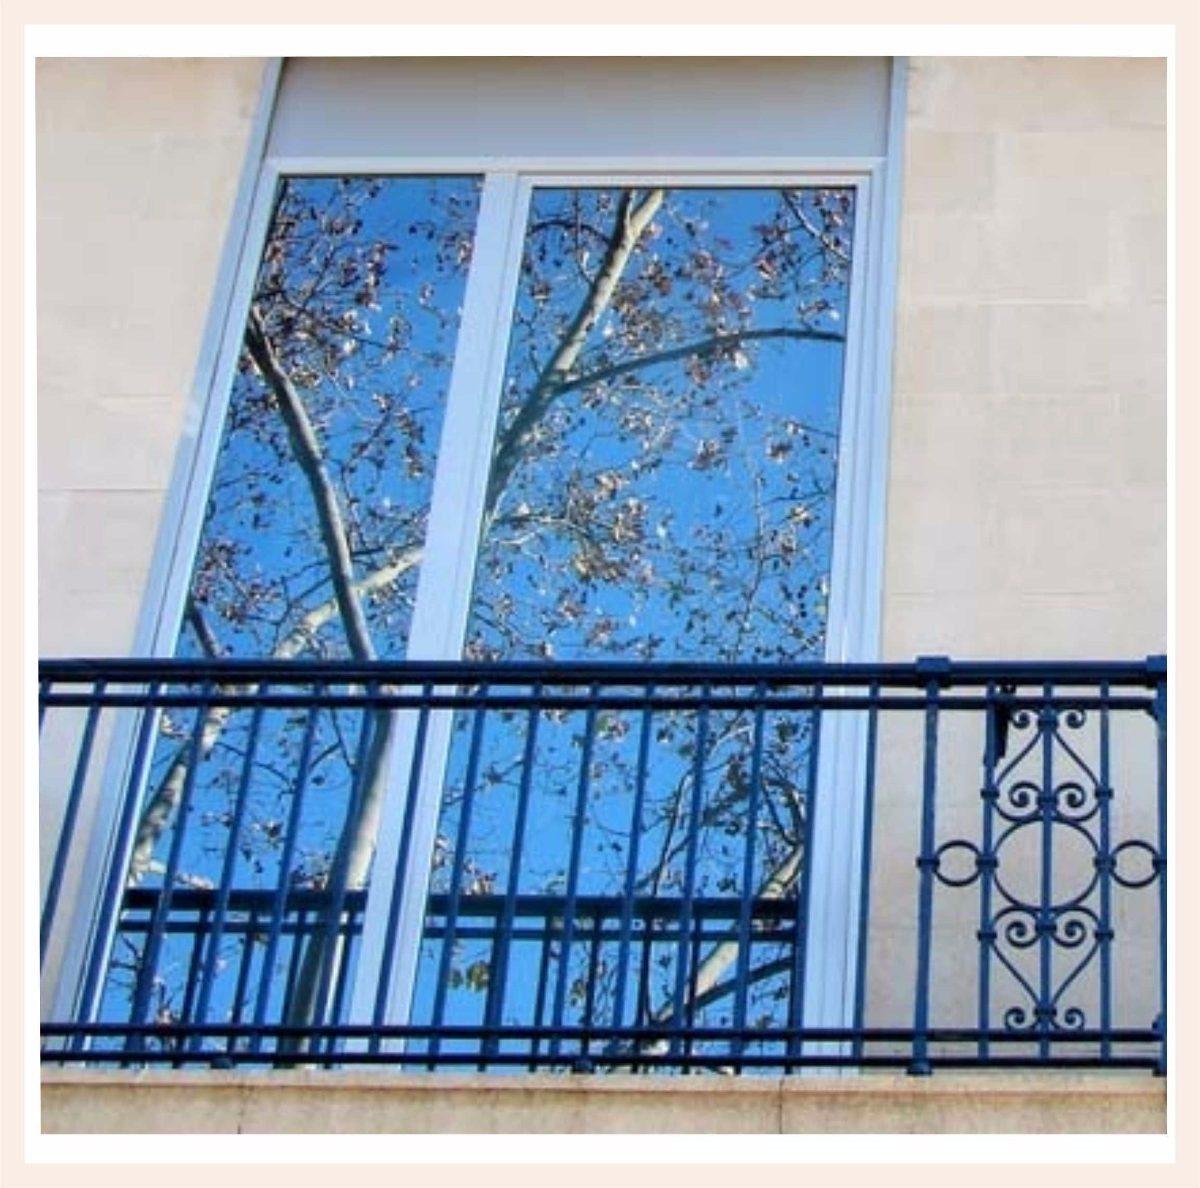 balkontr cheap latest gardinen zur balkontr beiges design with wohnzimmer gardinen mit balkontr. Black Bedroom Furniture Sets. Home Design Ideas